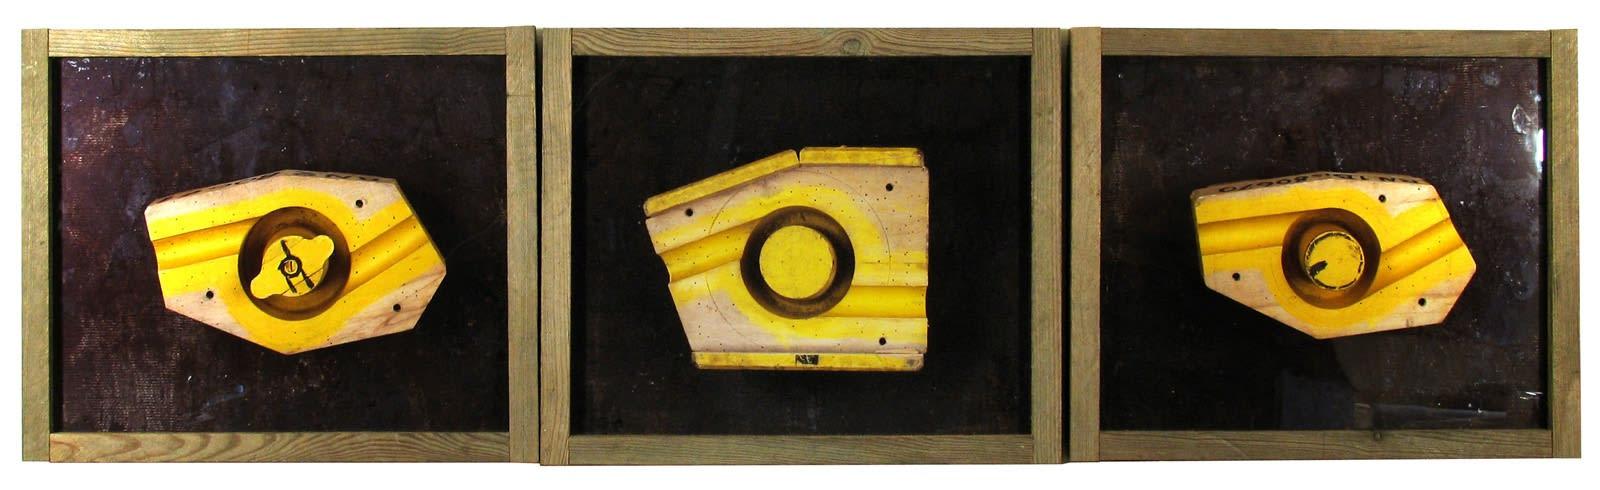 Pascal Kern, Sculpture, 2001